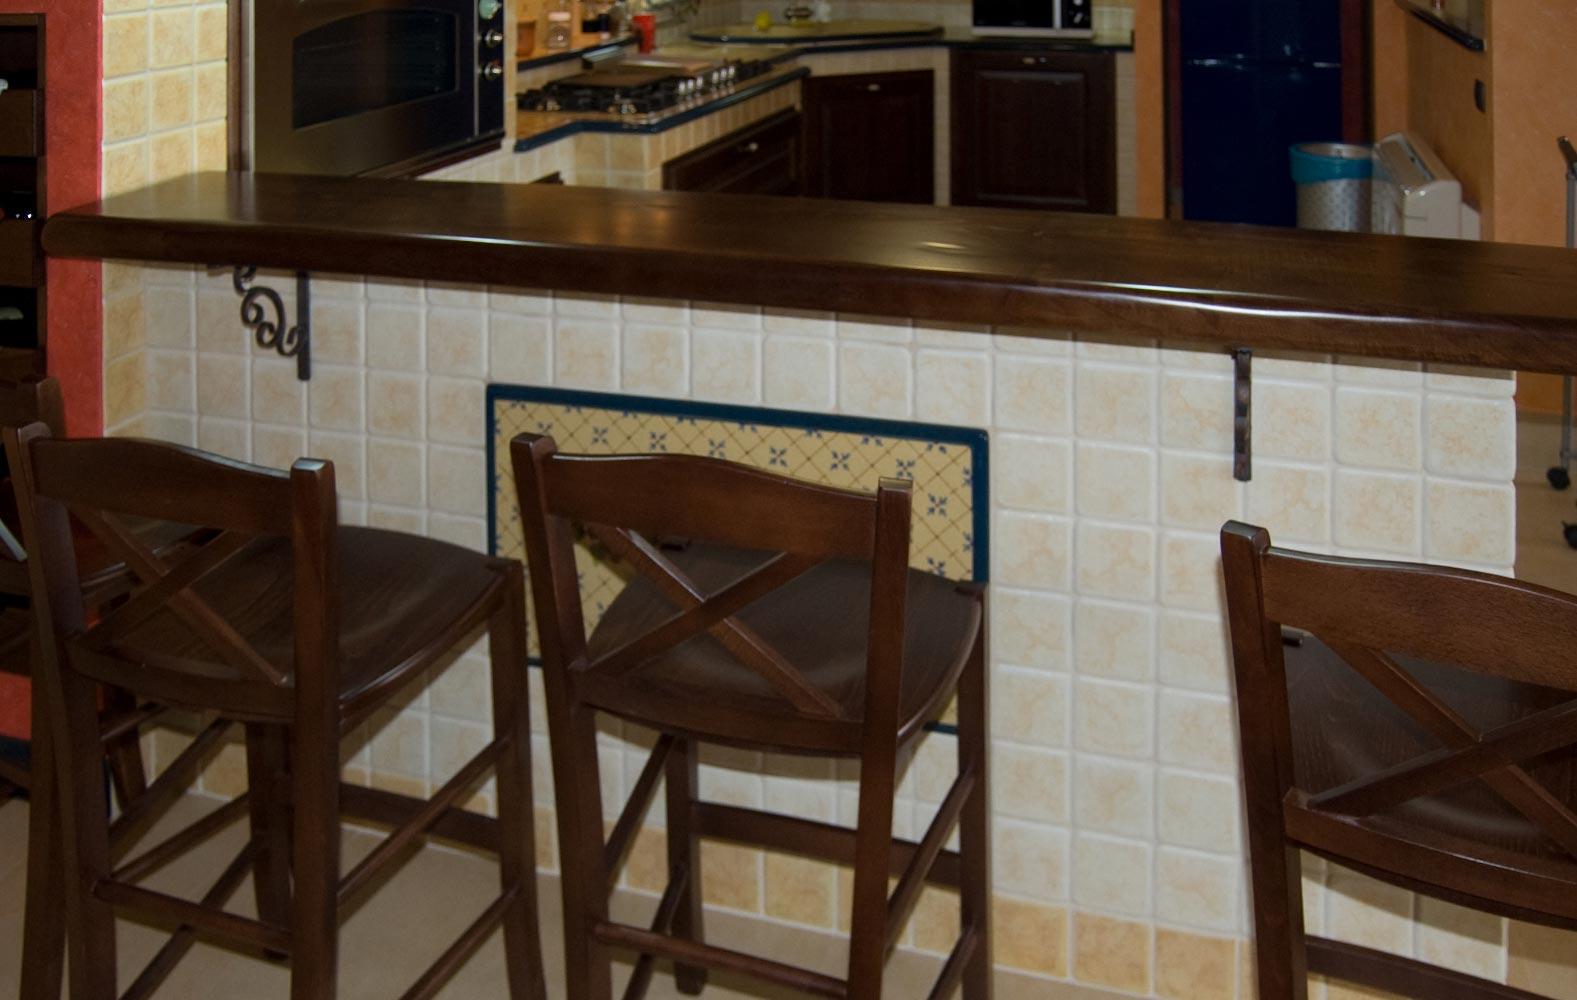 Piani Per Cucine In Muratura cucine in arte povera in muratura smontabile | modello